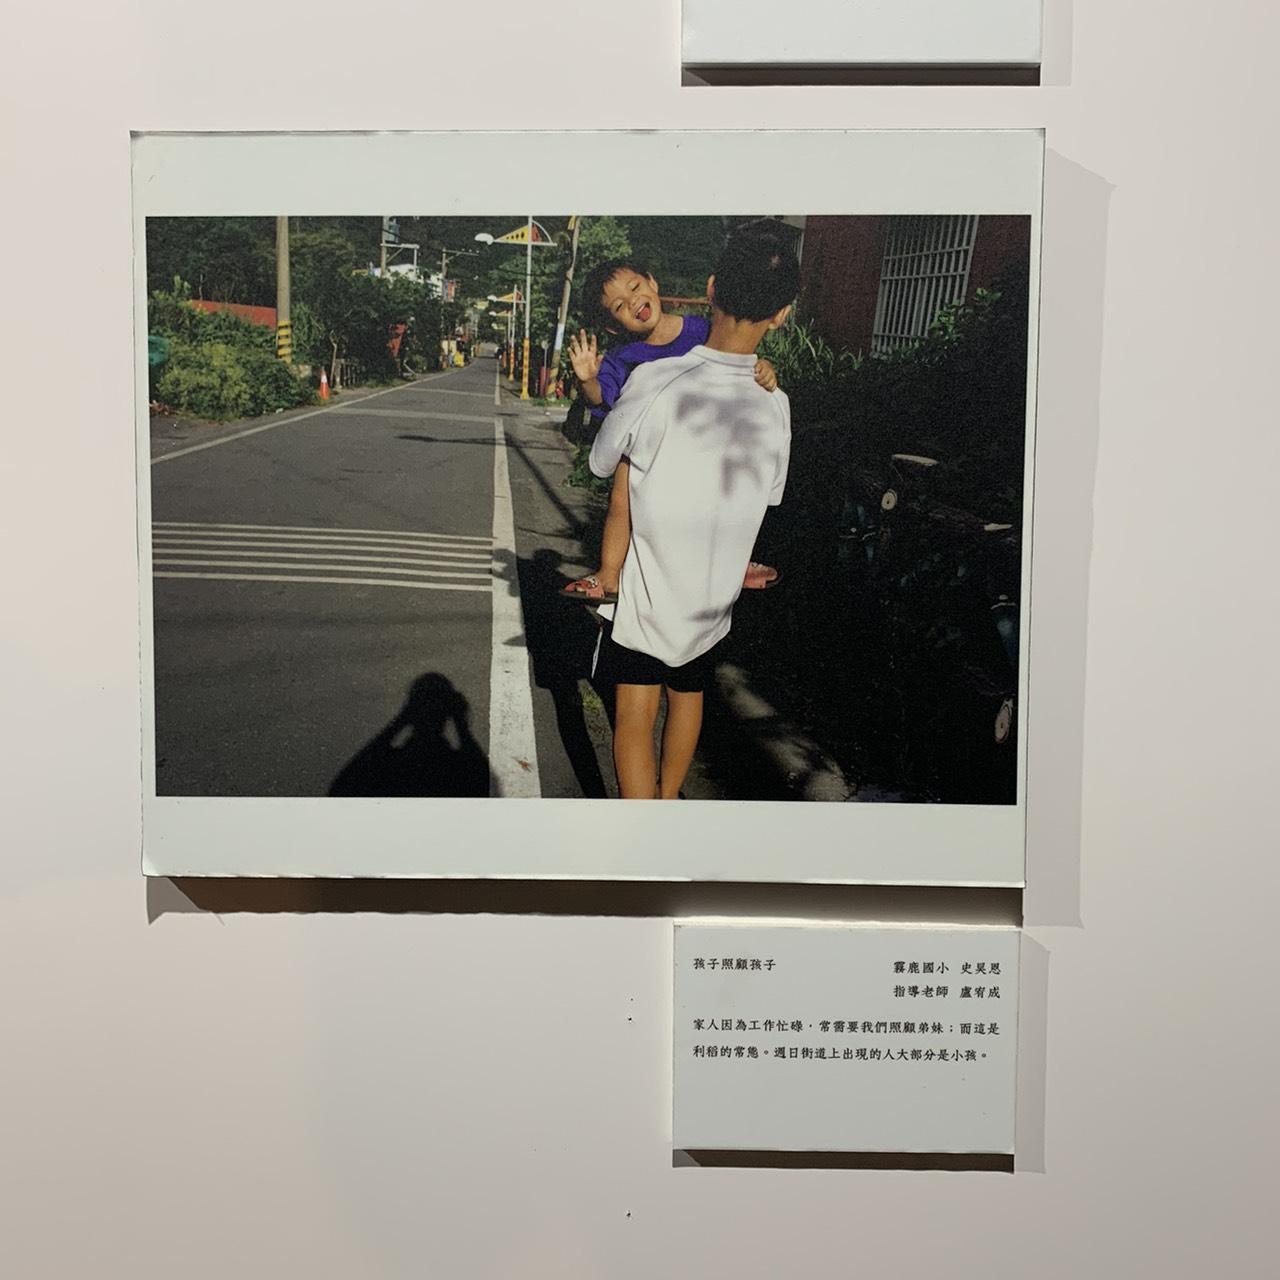 EP.22-得獎照片的背後故事